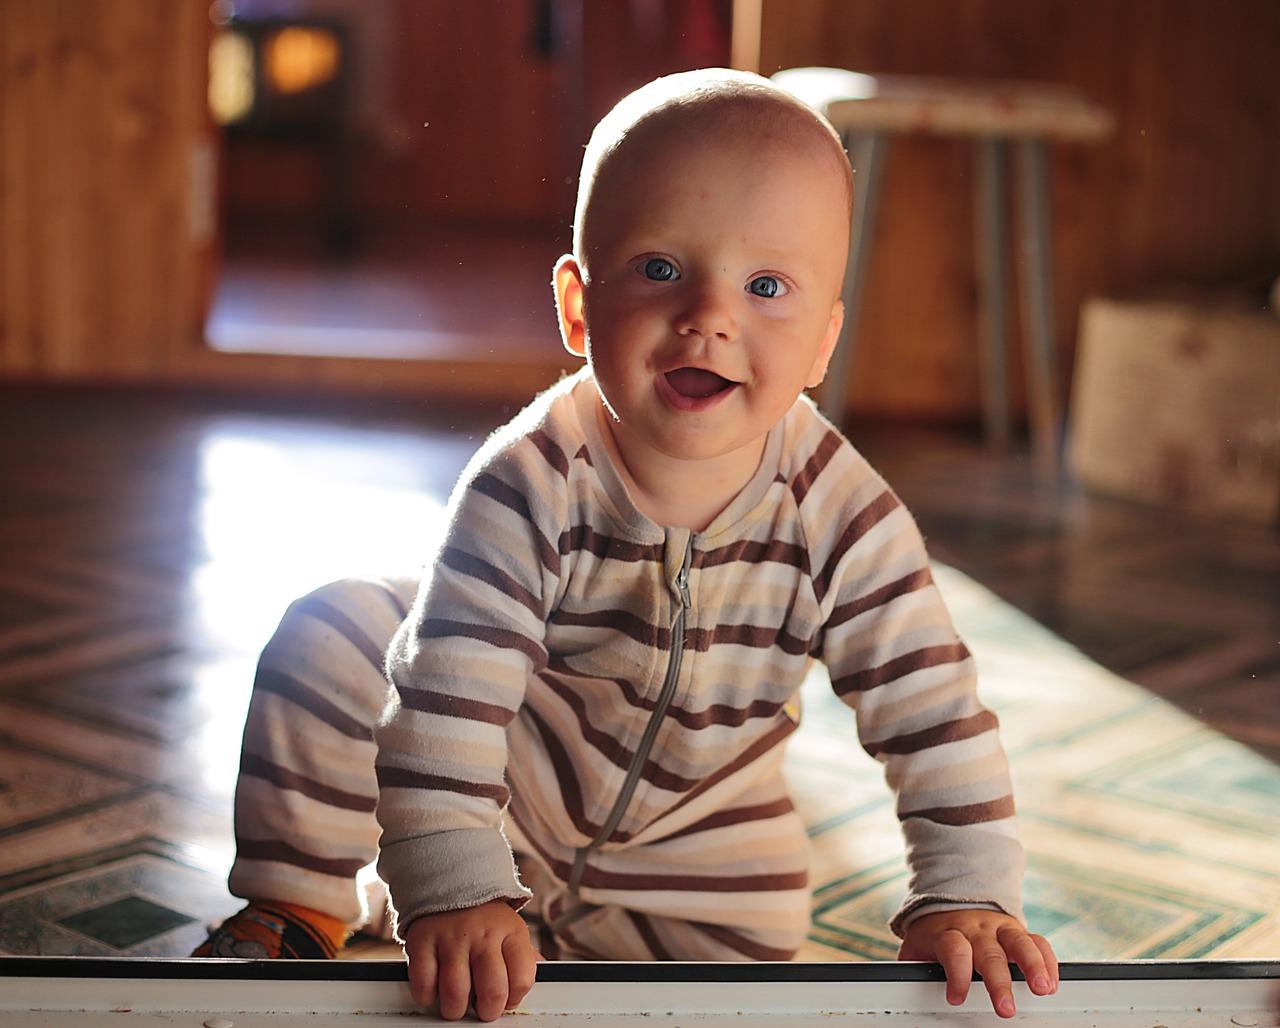 baby-1493932_1280